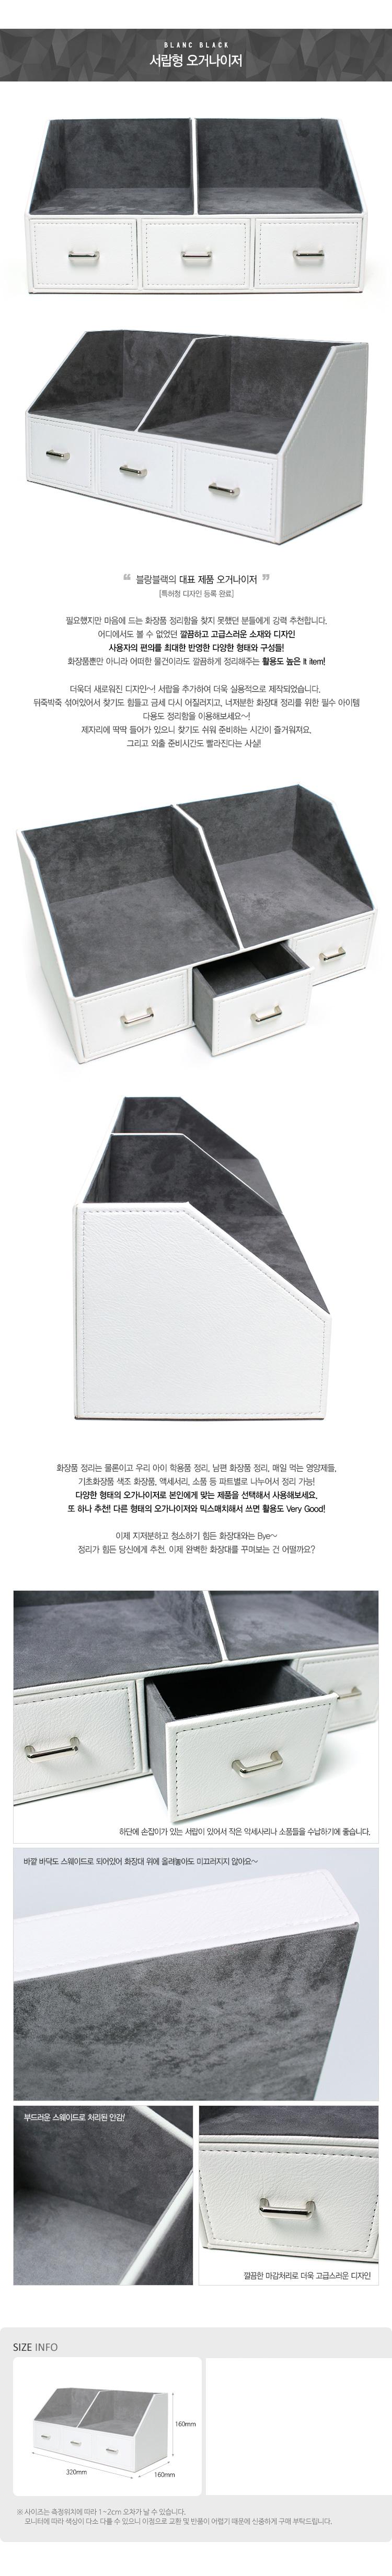 오거나이저(화장품정리함 멀티트레이)TB1 - 블랑블랙, 75,000원, 정리함, 화장품정리함